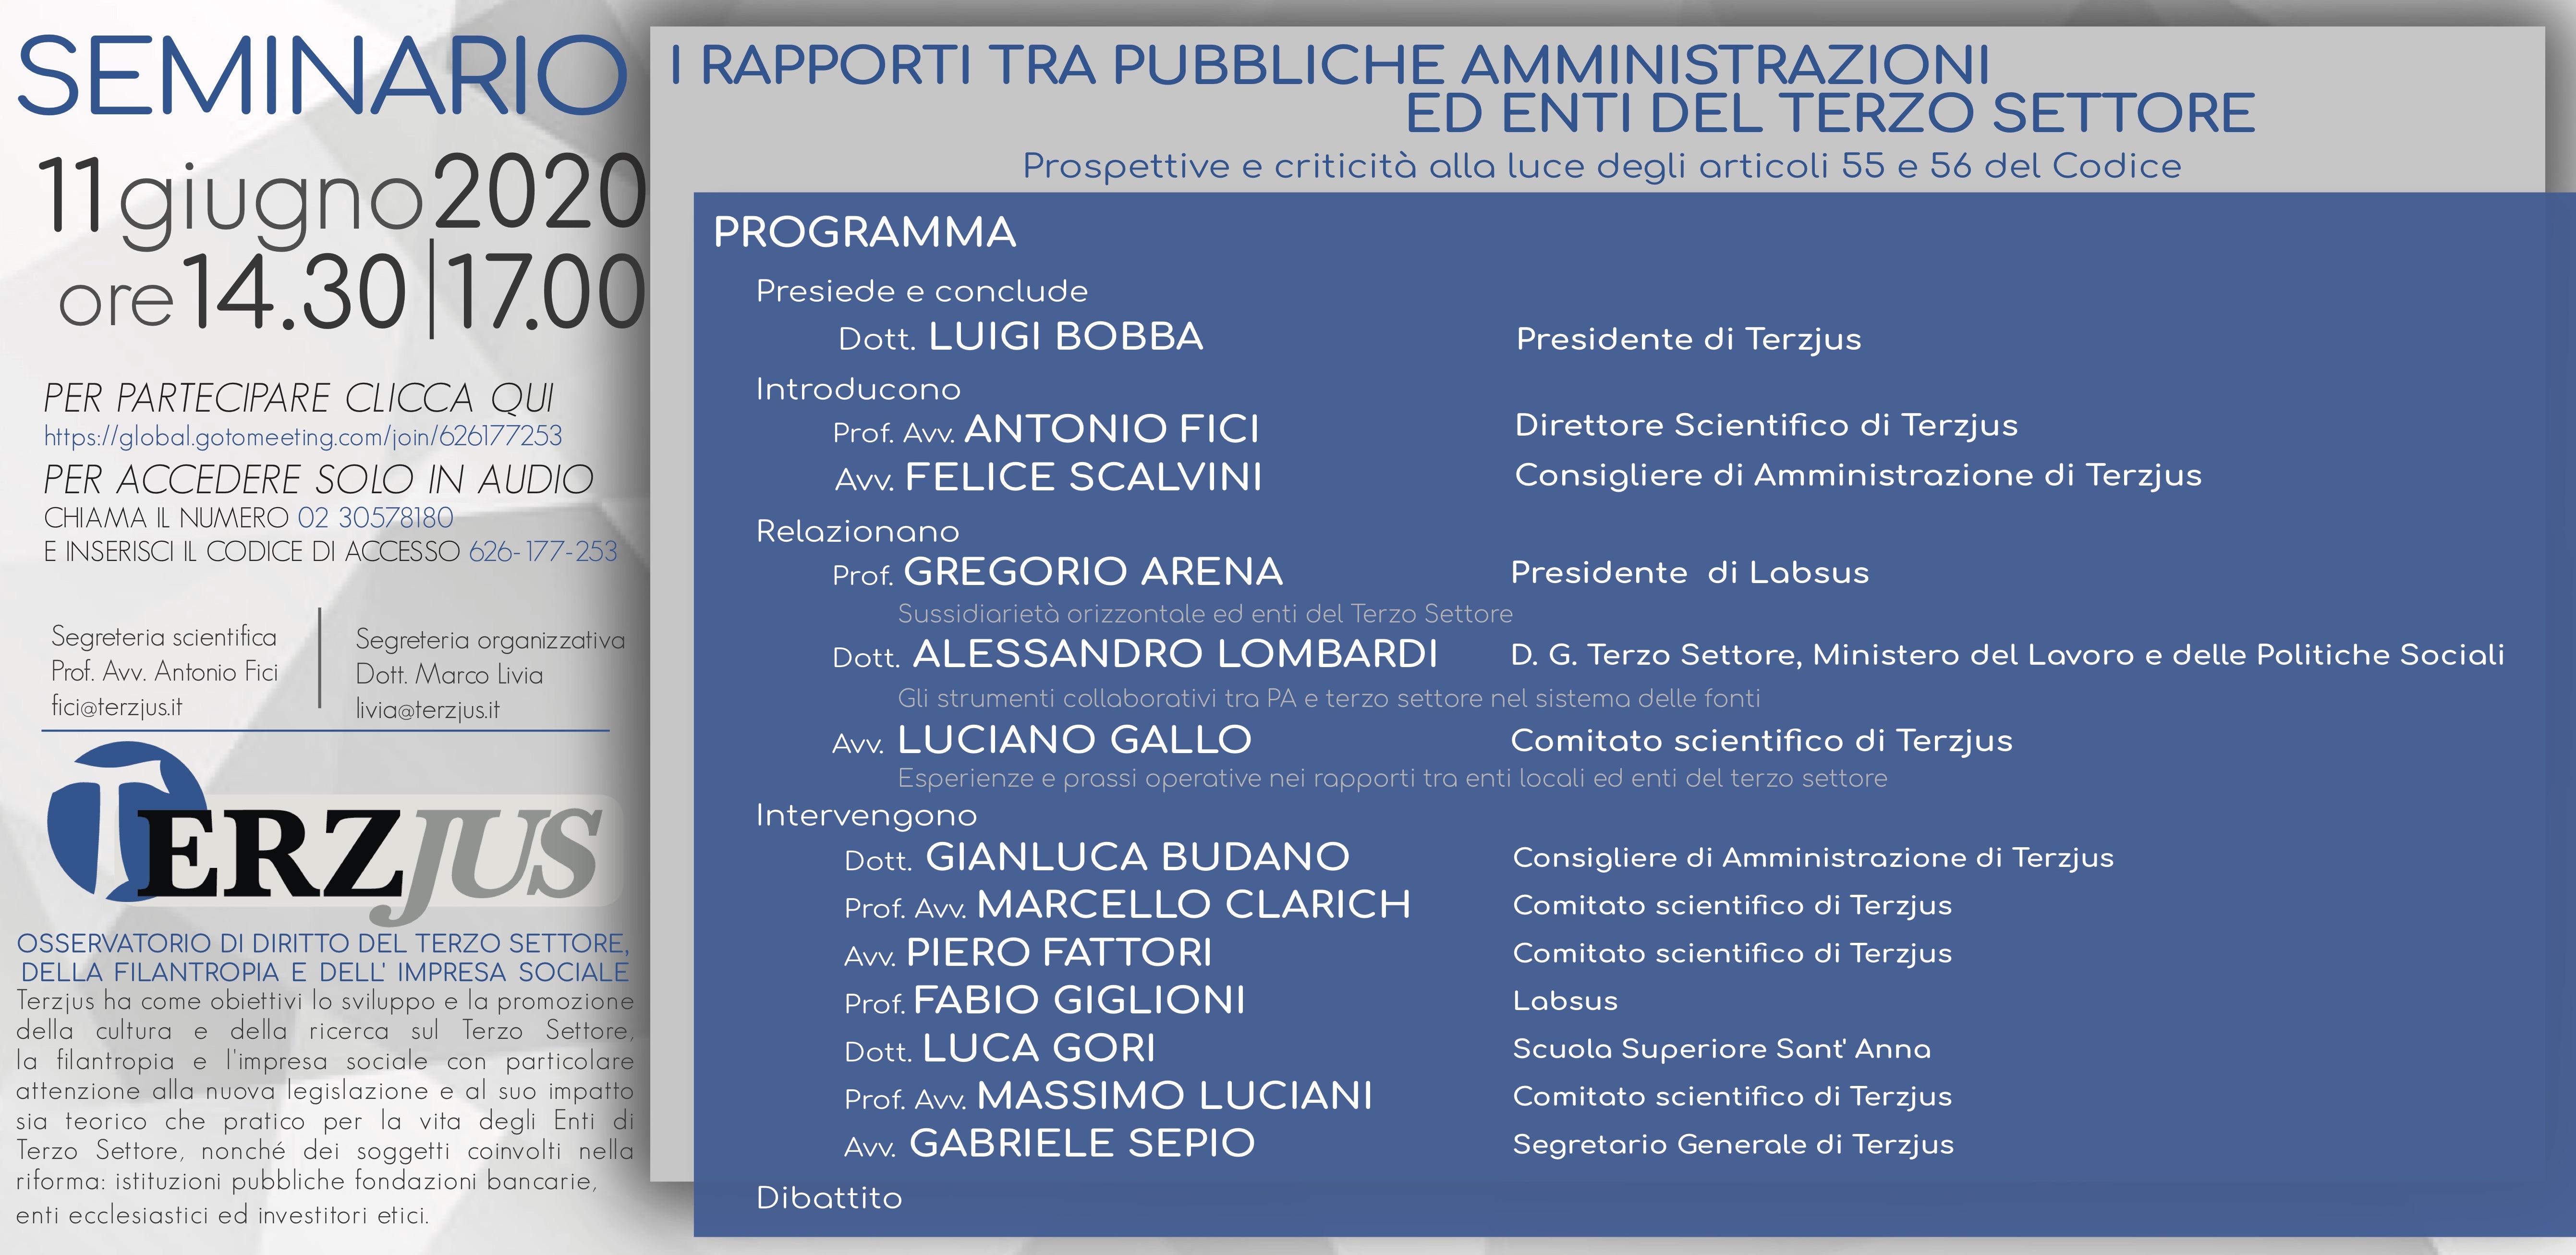 Rapporti tra le PA e gli enti del Terzo settore, un seminario online